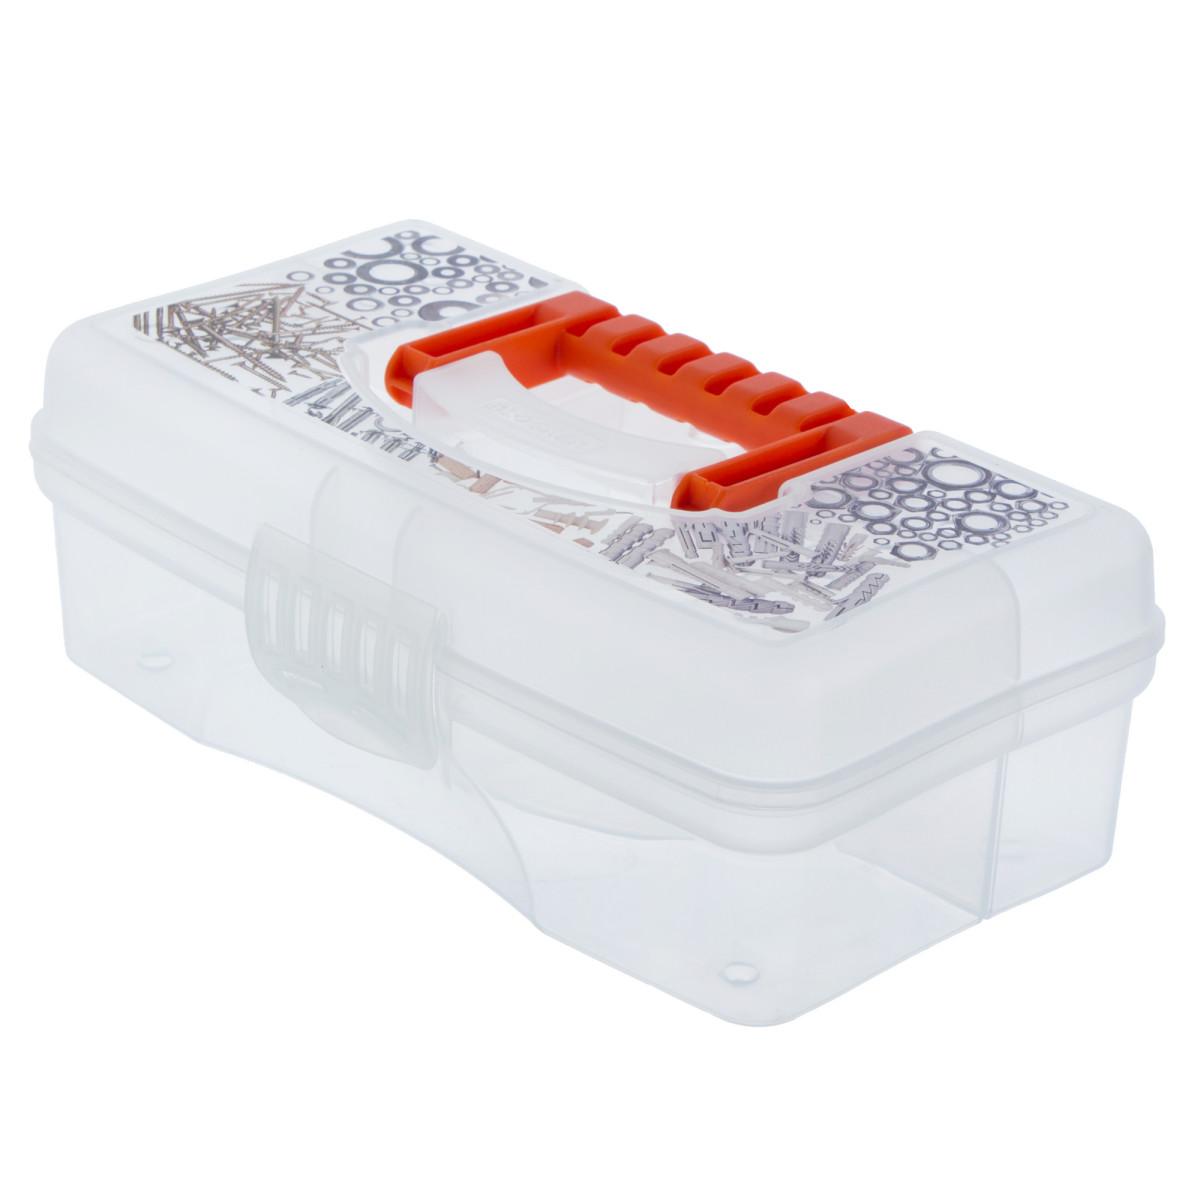 Органайзер Hobby Box 9 235x130x85